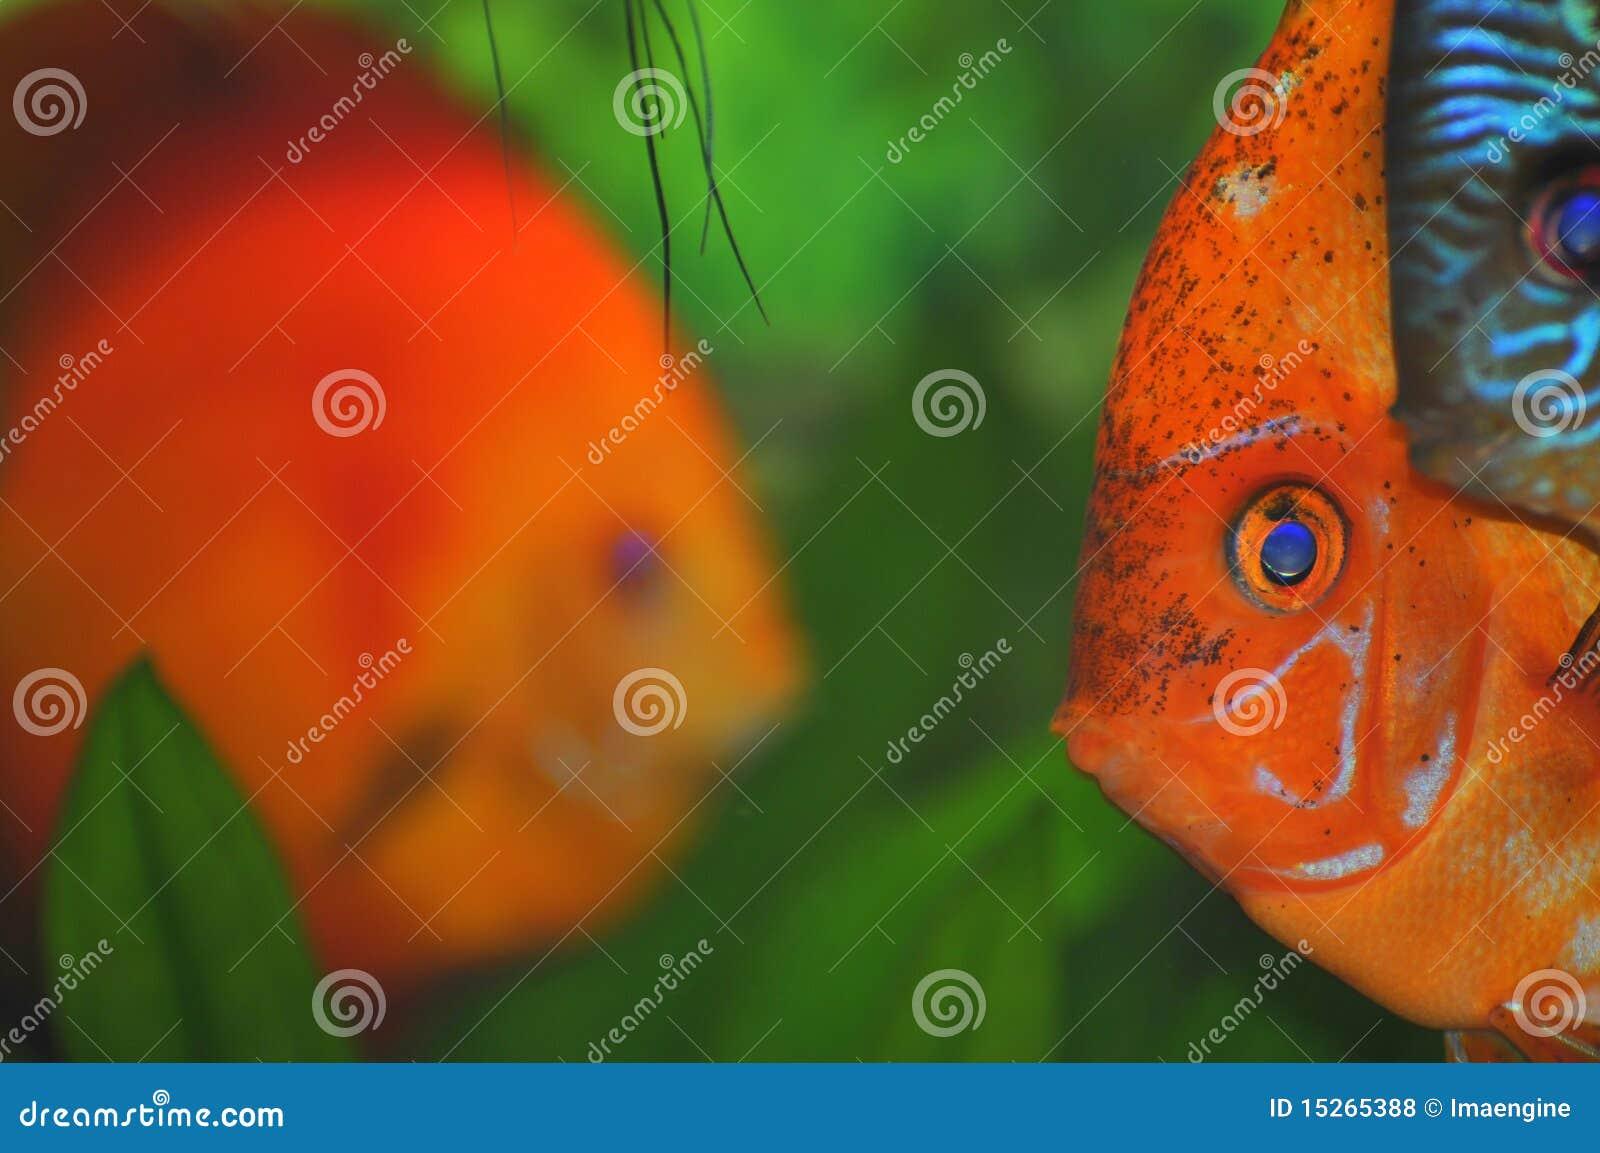 Colorful Fish Faces (tropical Aquarium Fish) Stock Photo - Image of ...